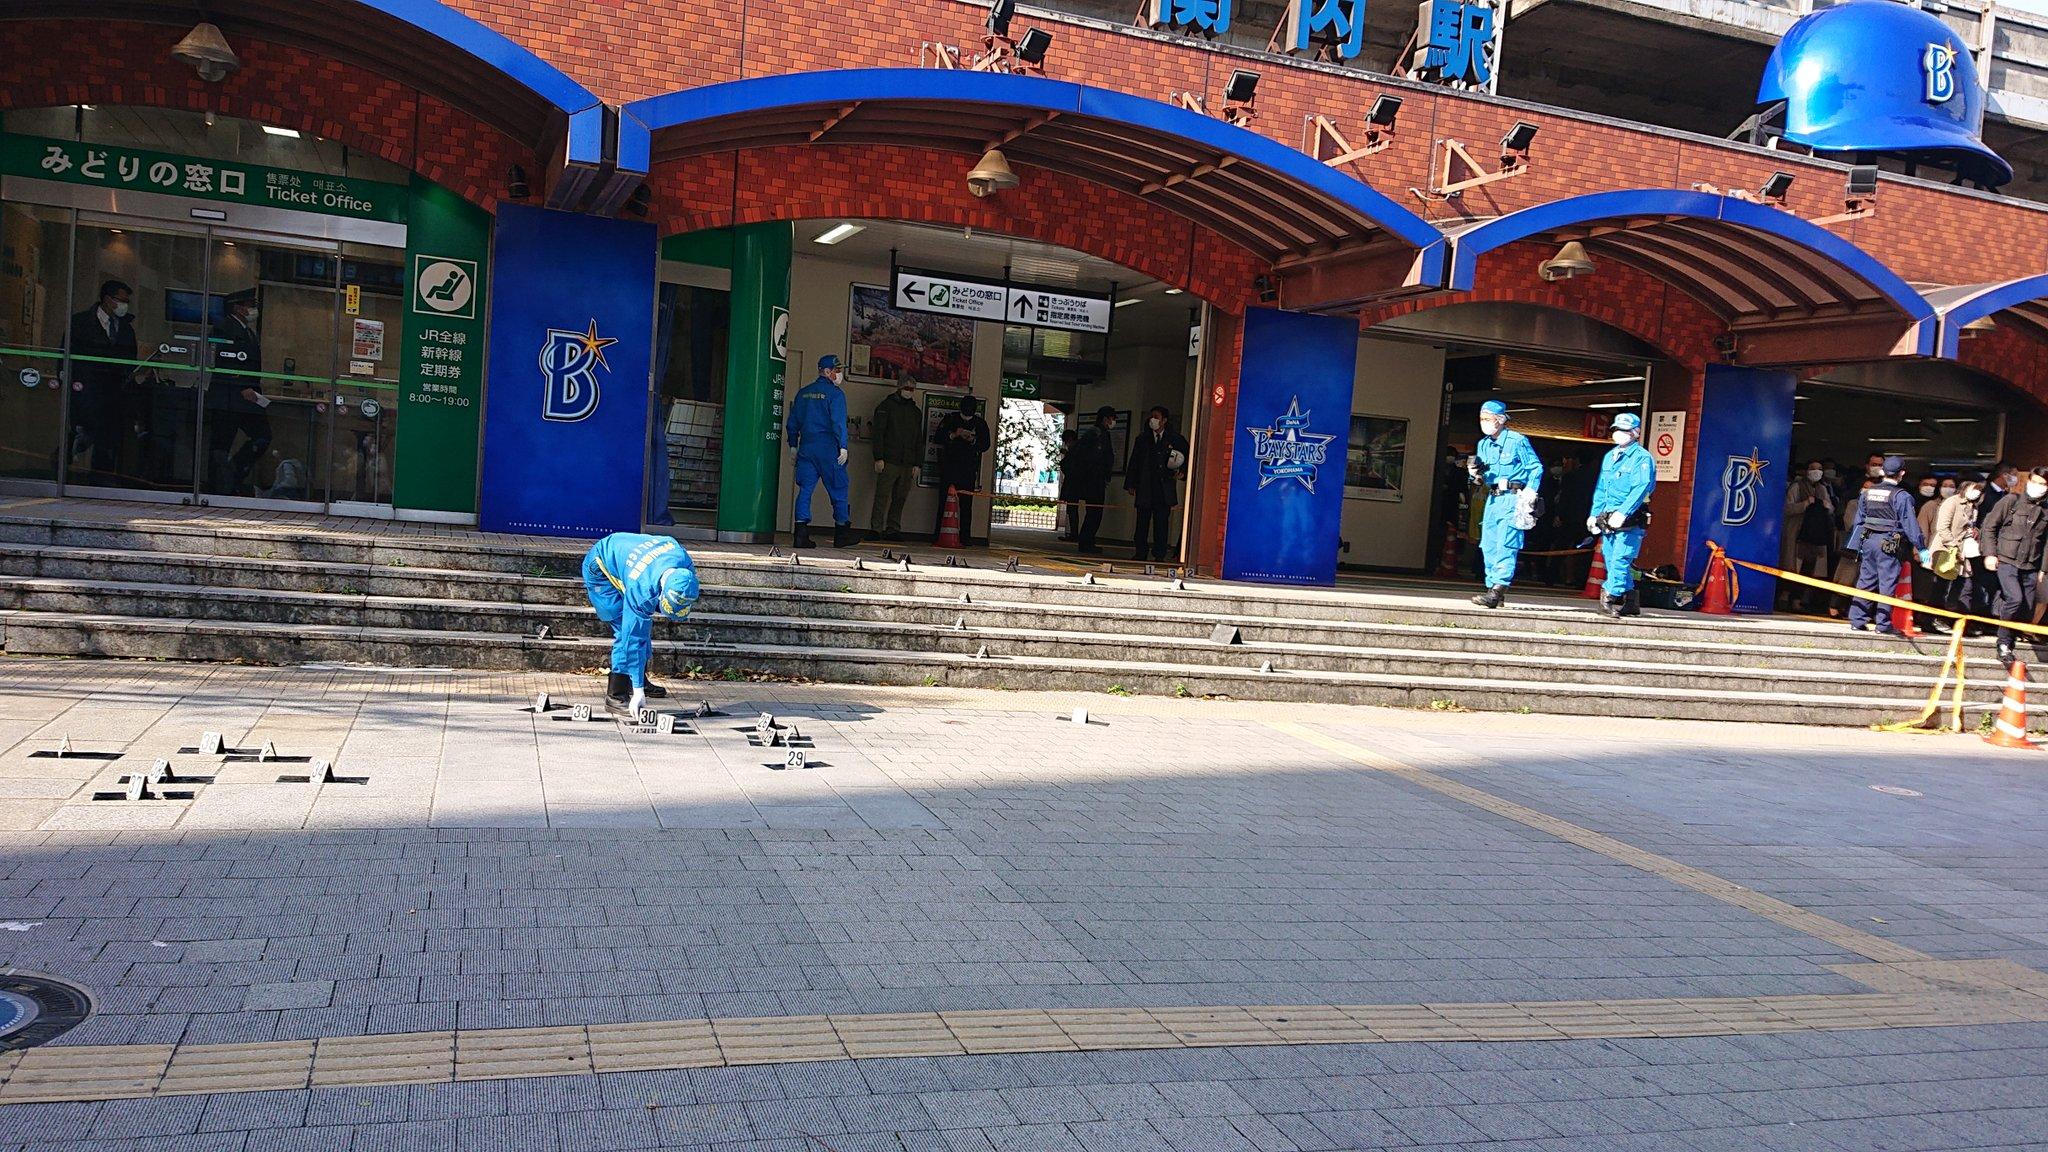 関内駅南口の広場の事件で現場検証している画像